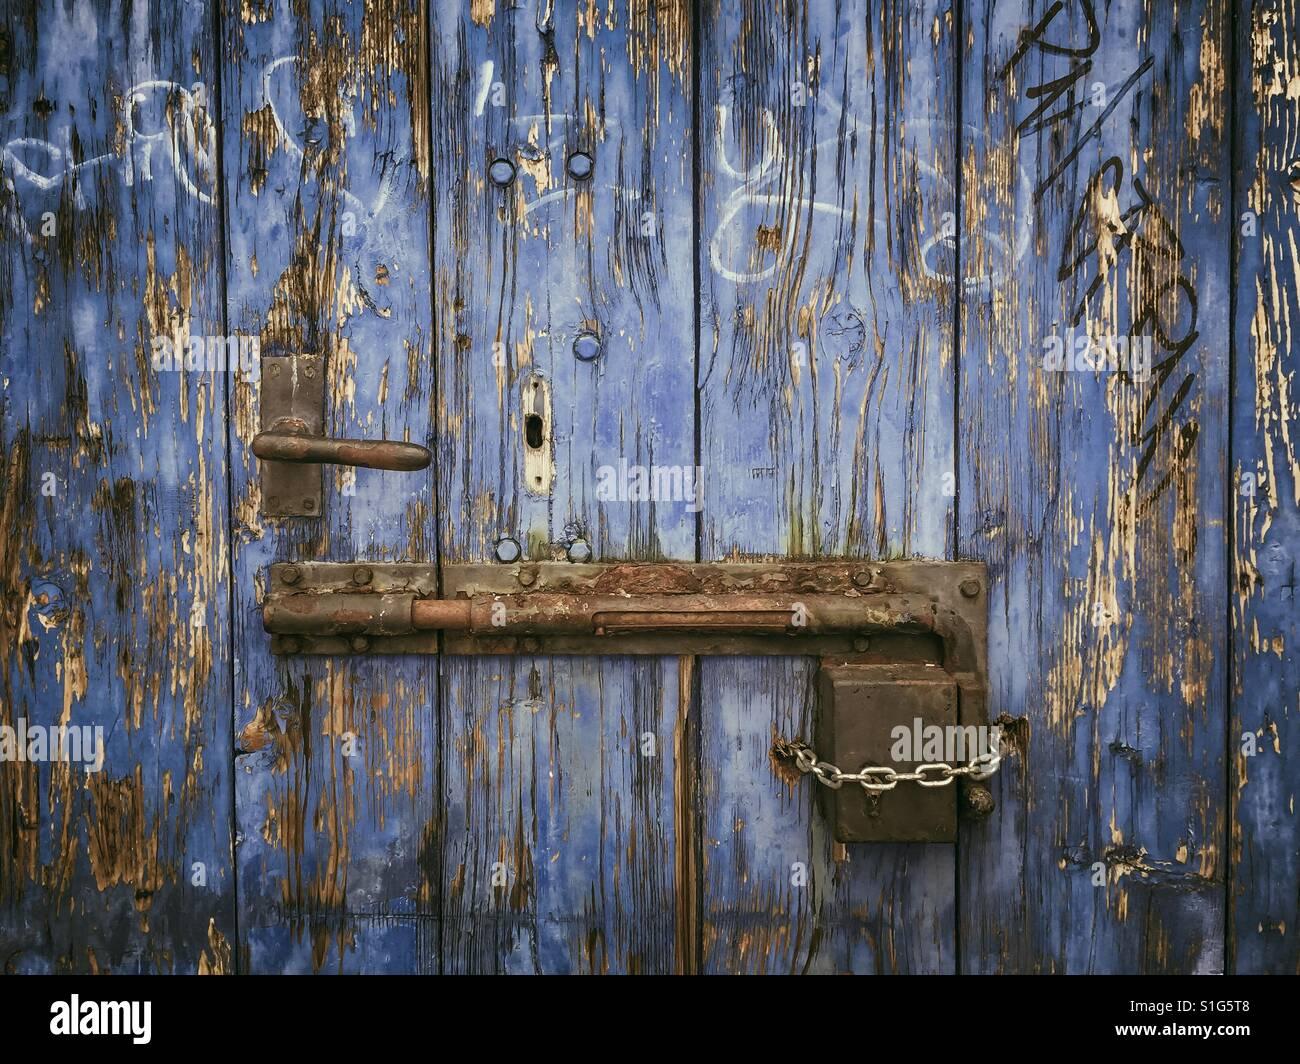 Rusty sliding door lock on weathered wooden blue door - Stock Image